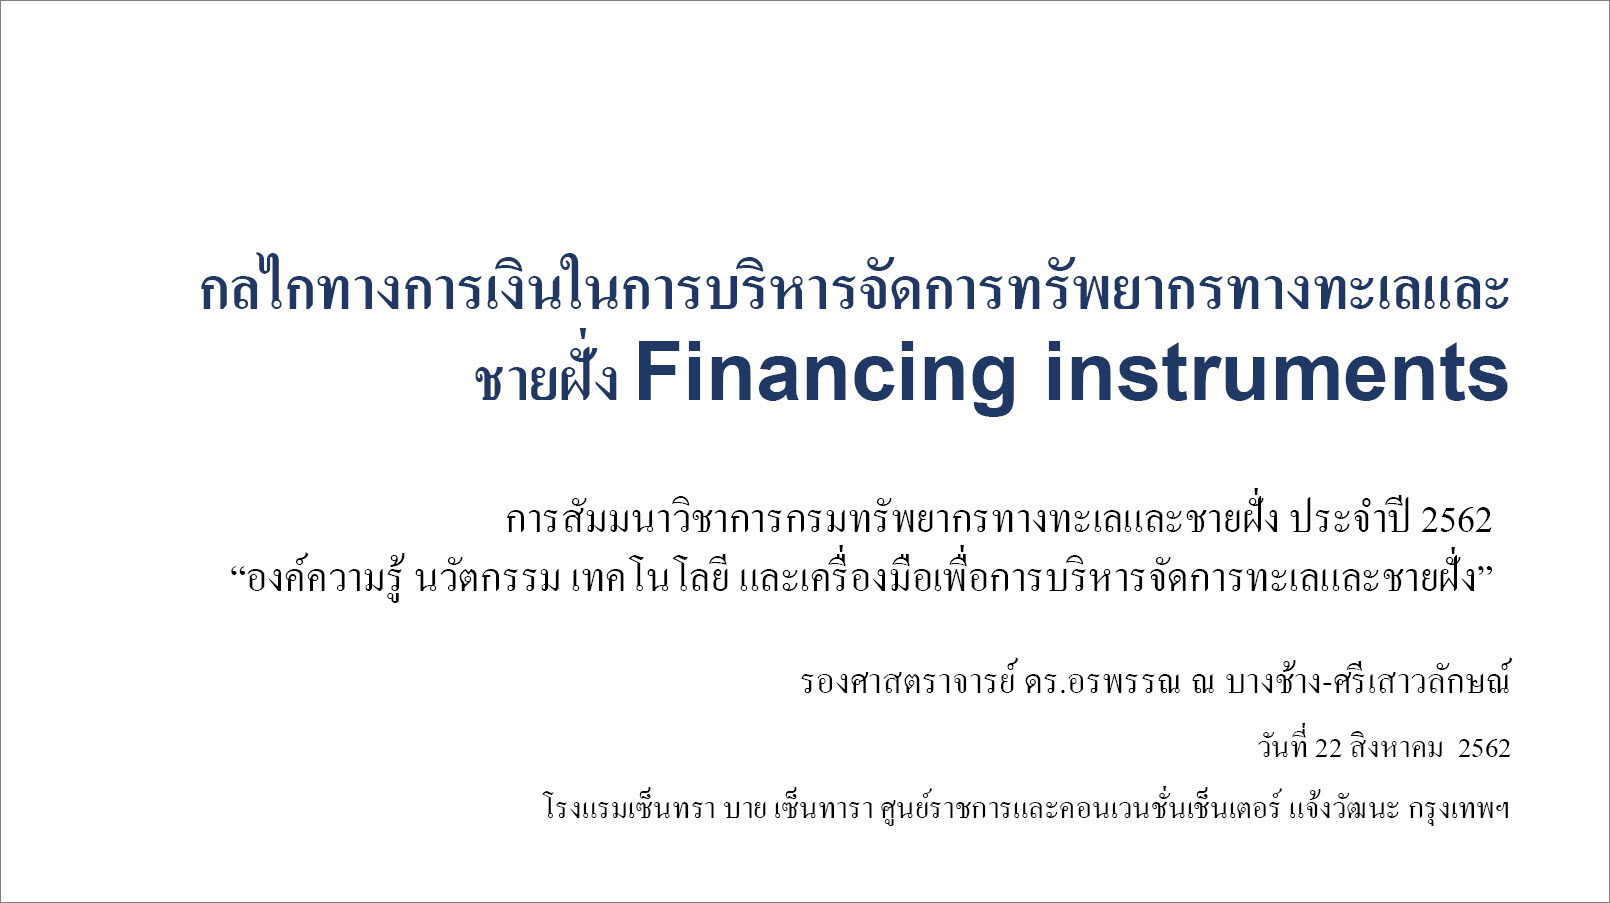 2562 : กลไกทางการเงินในการบริหารจัดการทรัพยากรทางทะเลและชายฝั่ง Financing instruments